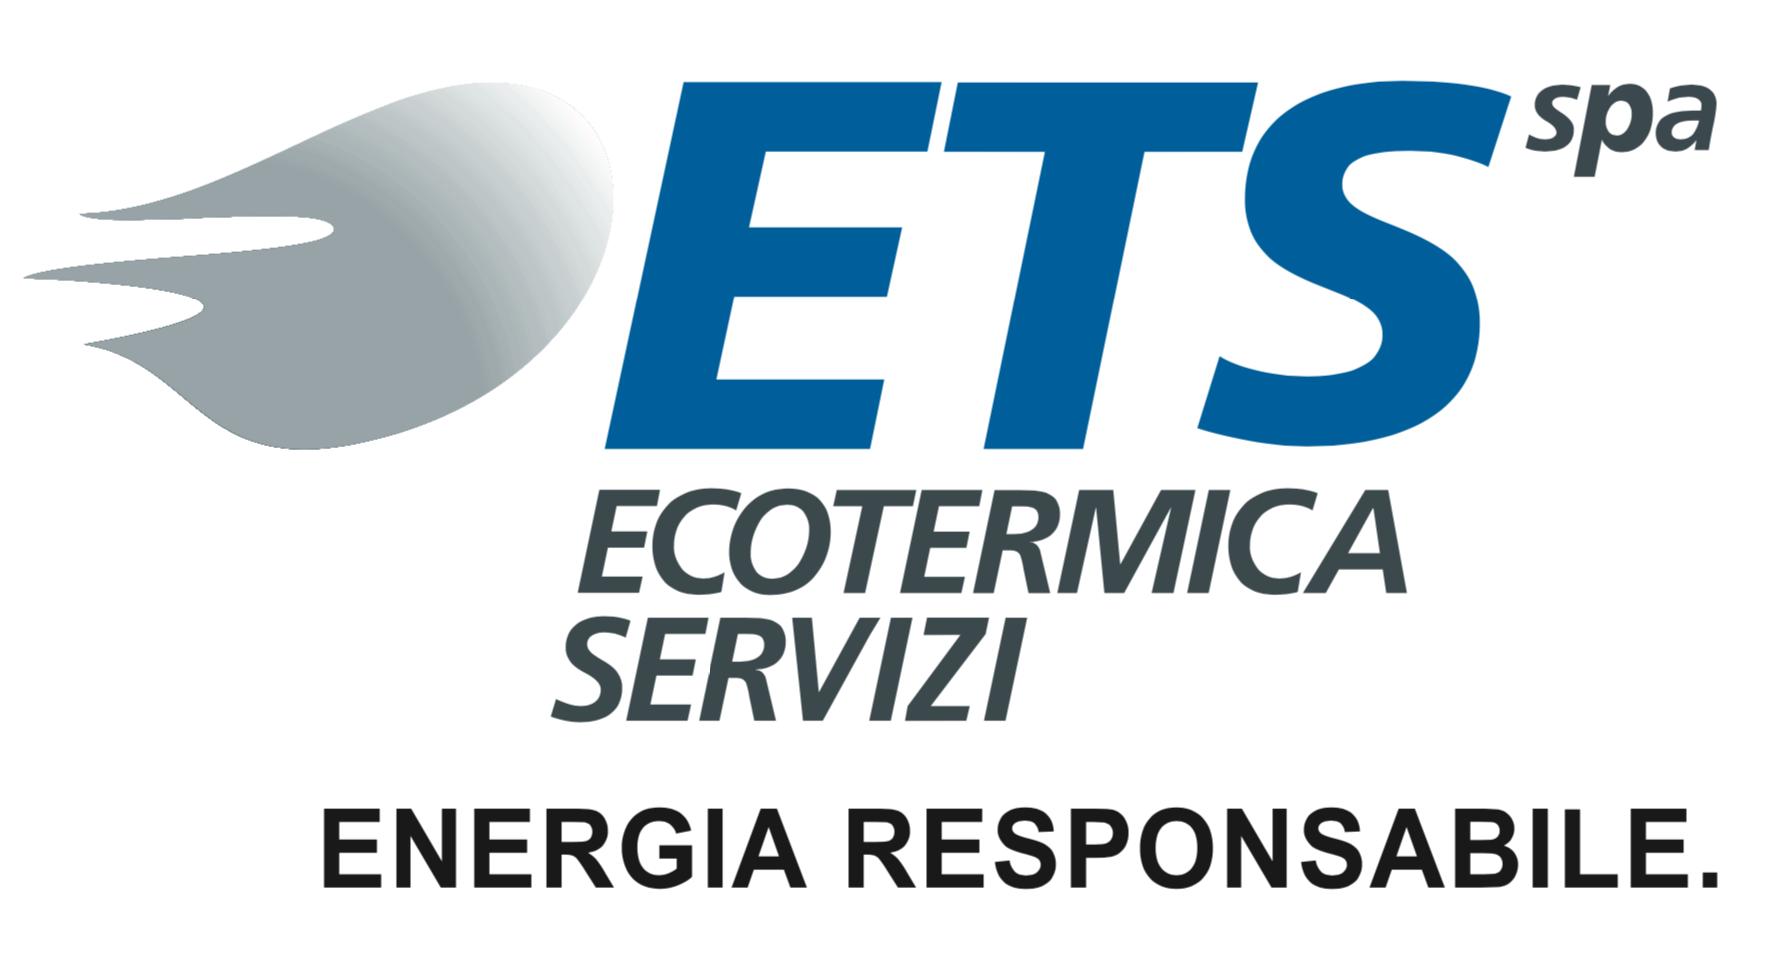 Ecotermica Servizi SpA